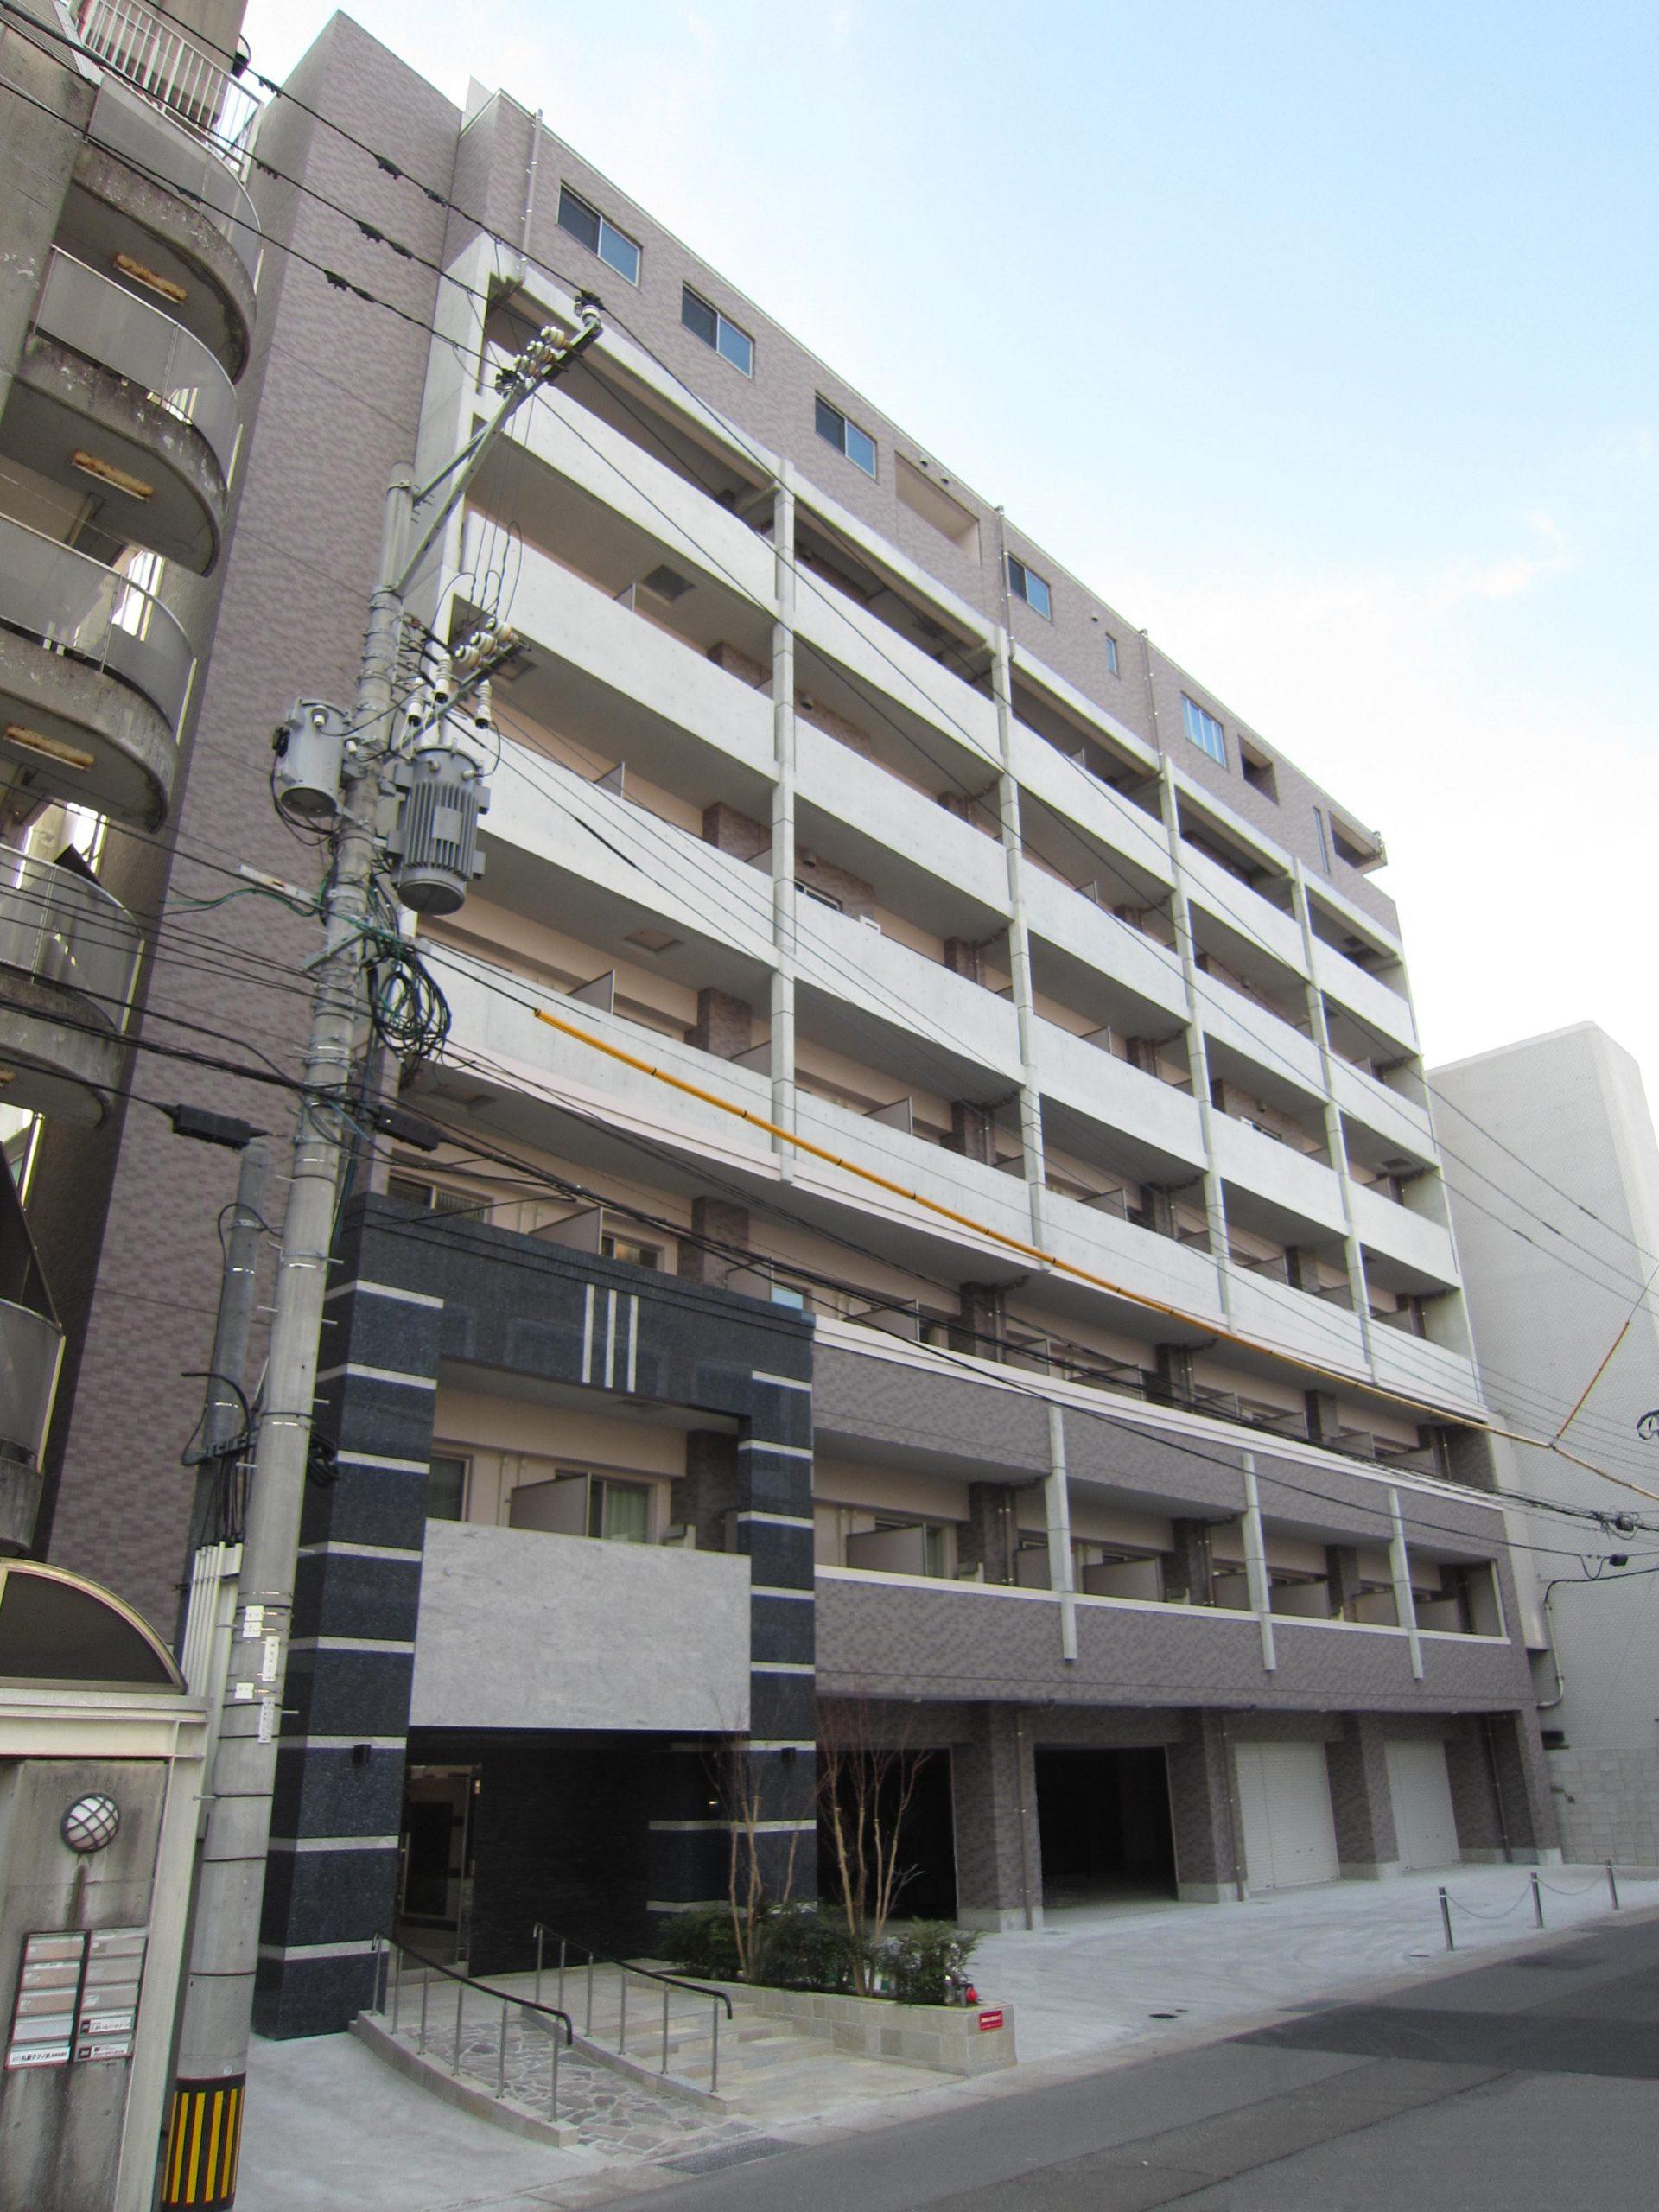 目覚町共同住宅 新築工事